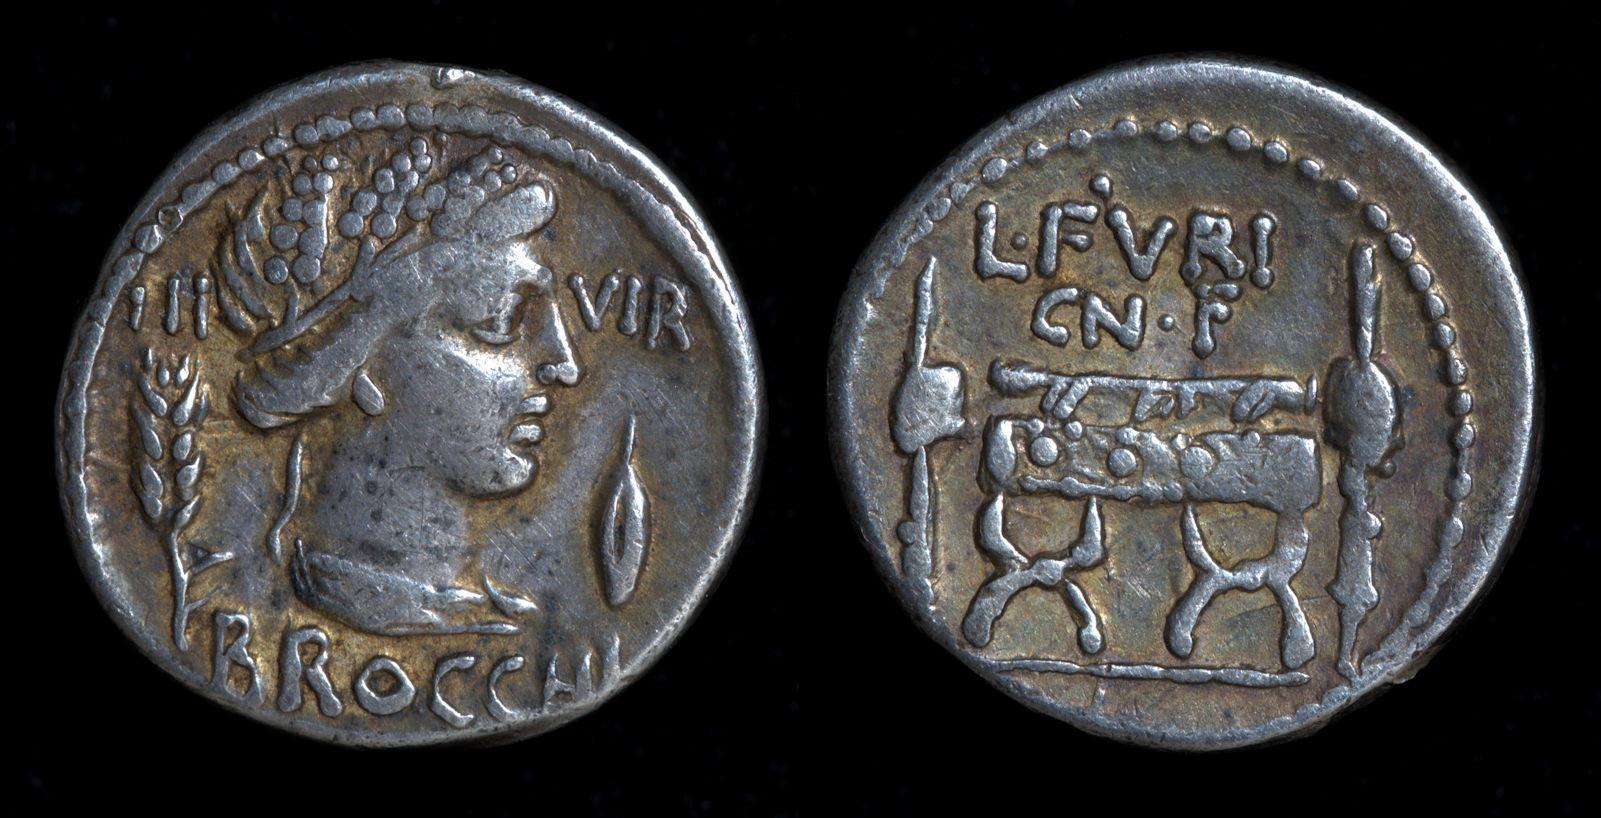 L. Furius Cn.f. Brocchus, 63 BC, C. 414/1